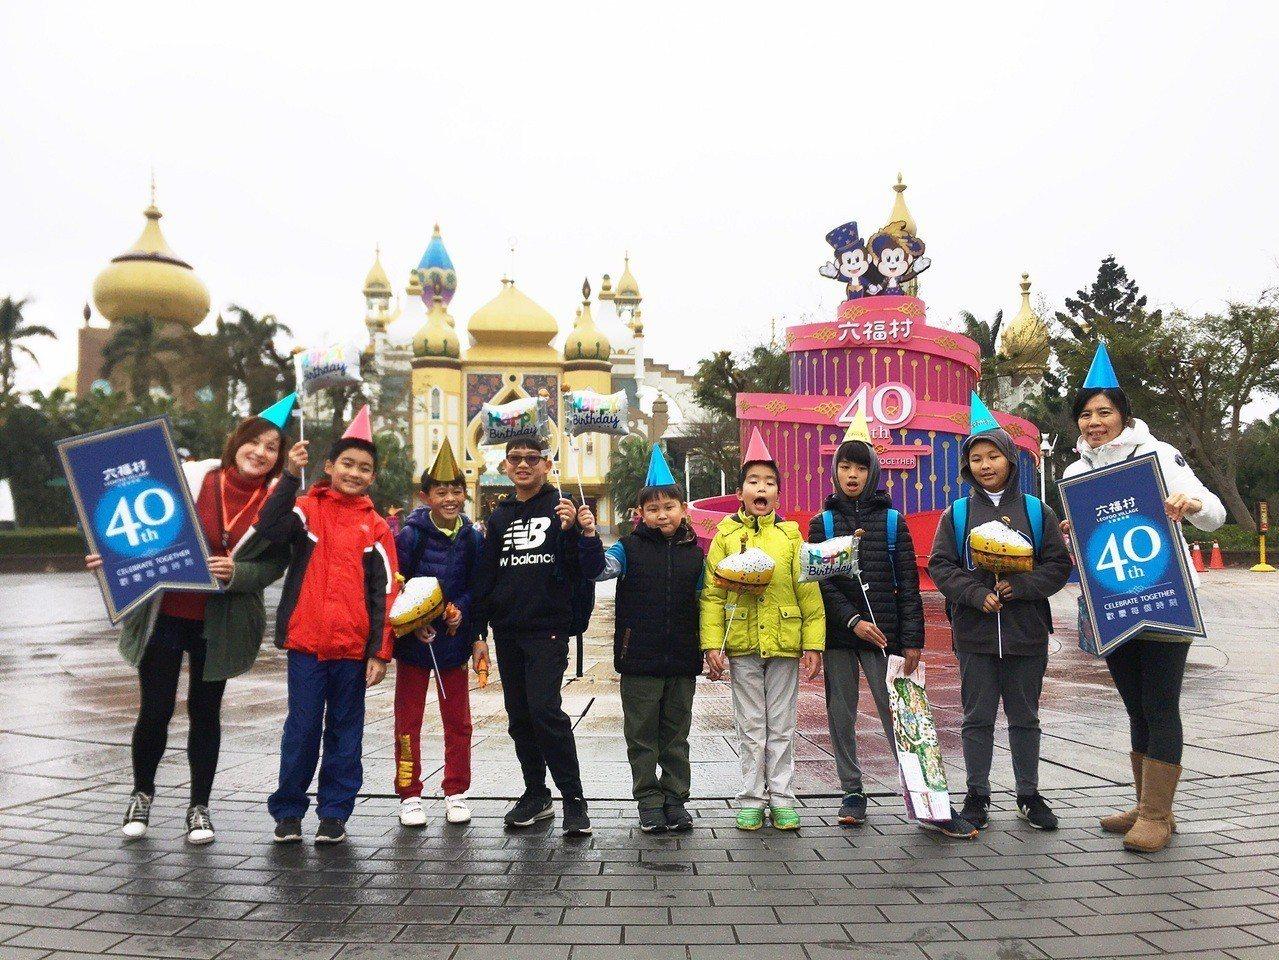 六福村主題遊樂園在2019年歡慶40歲大壽。圖/六福村提供